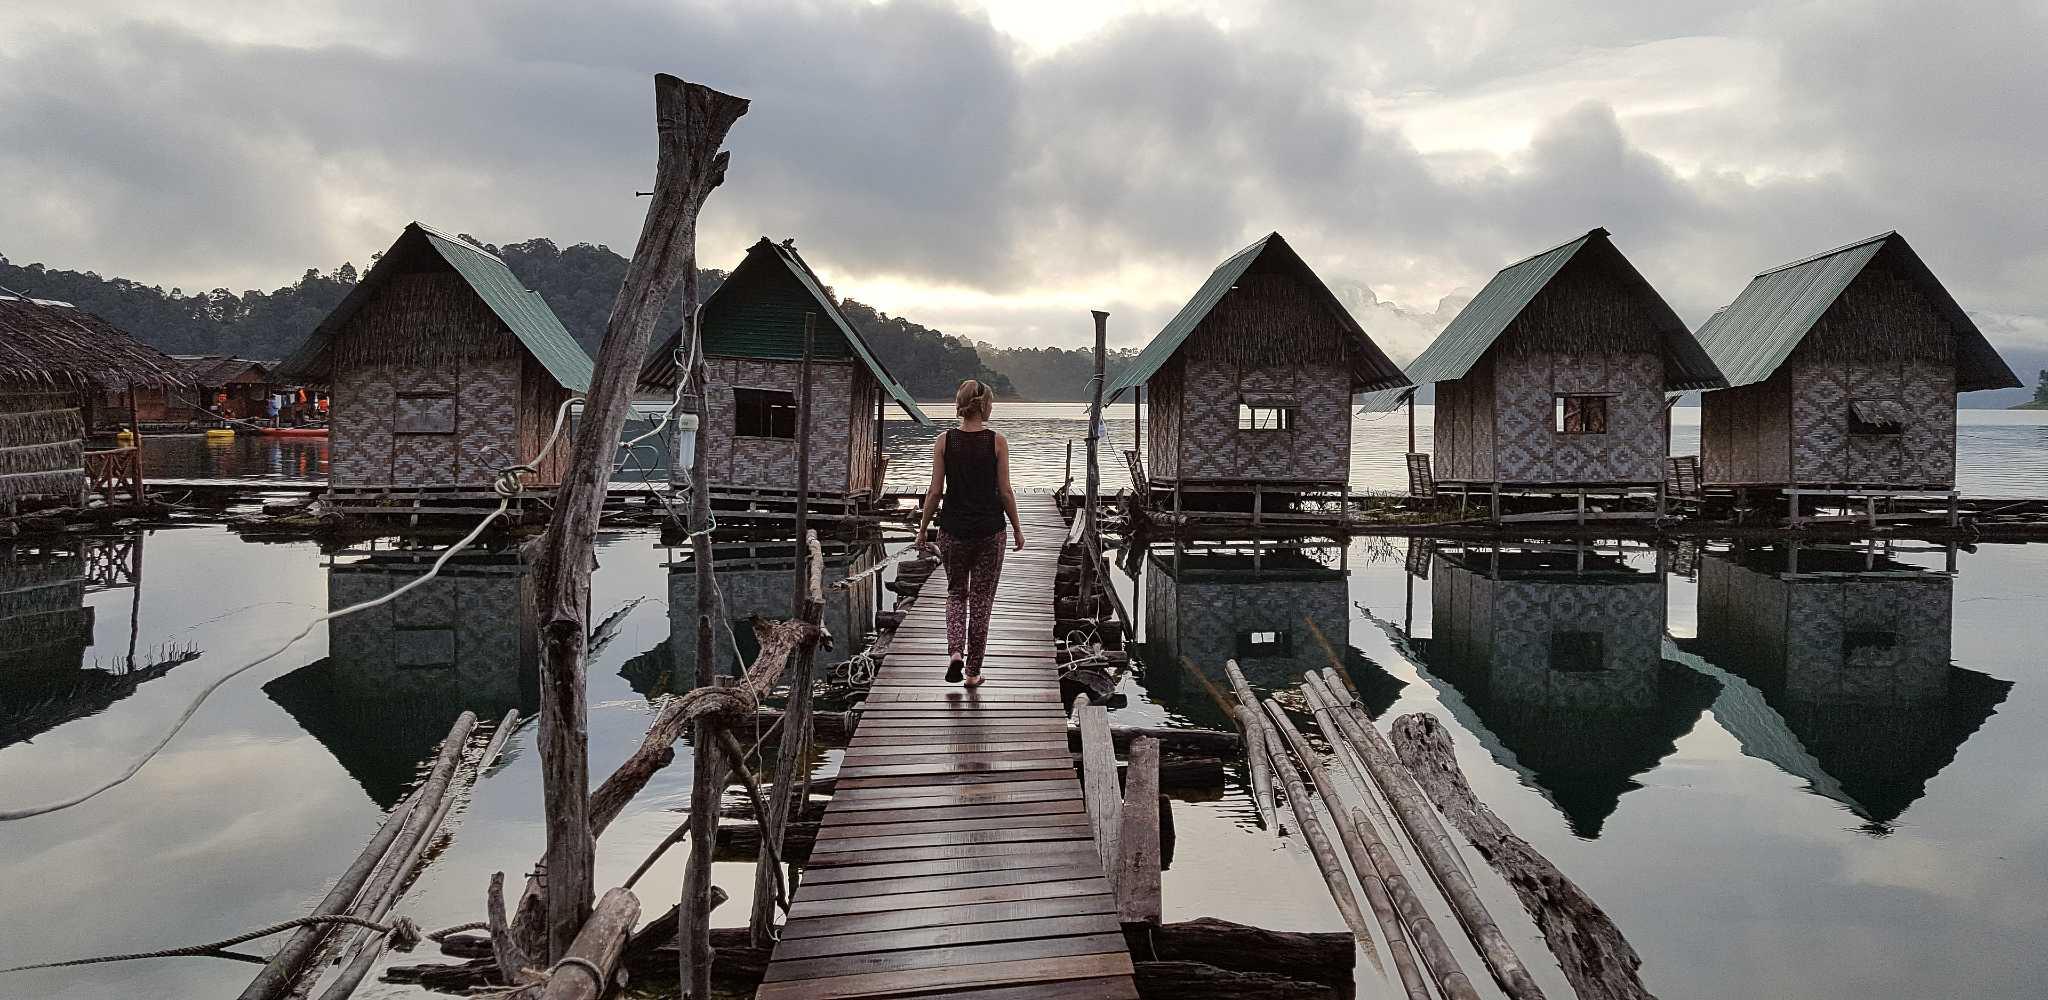 Ilonka op houten stijger bij drijvende huisjes